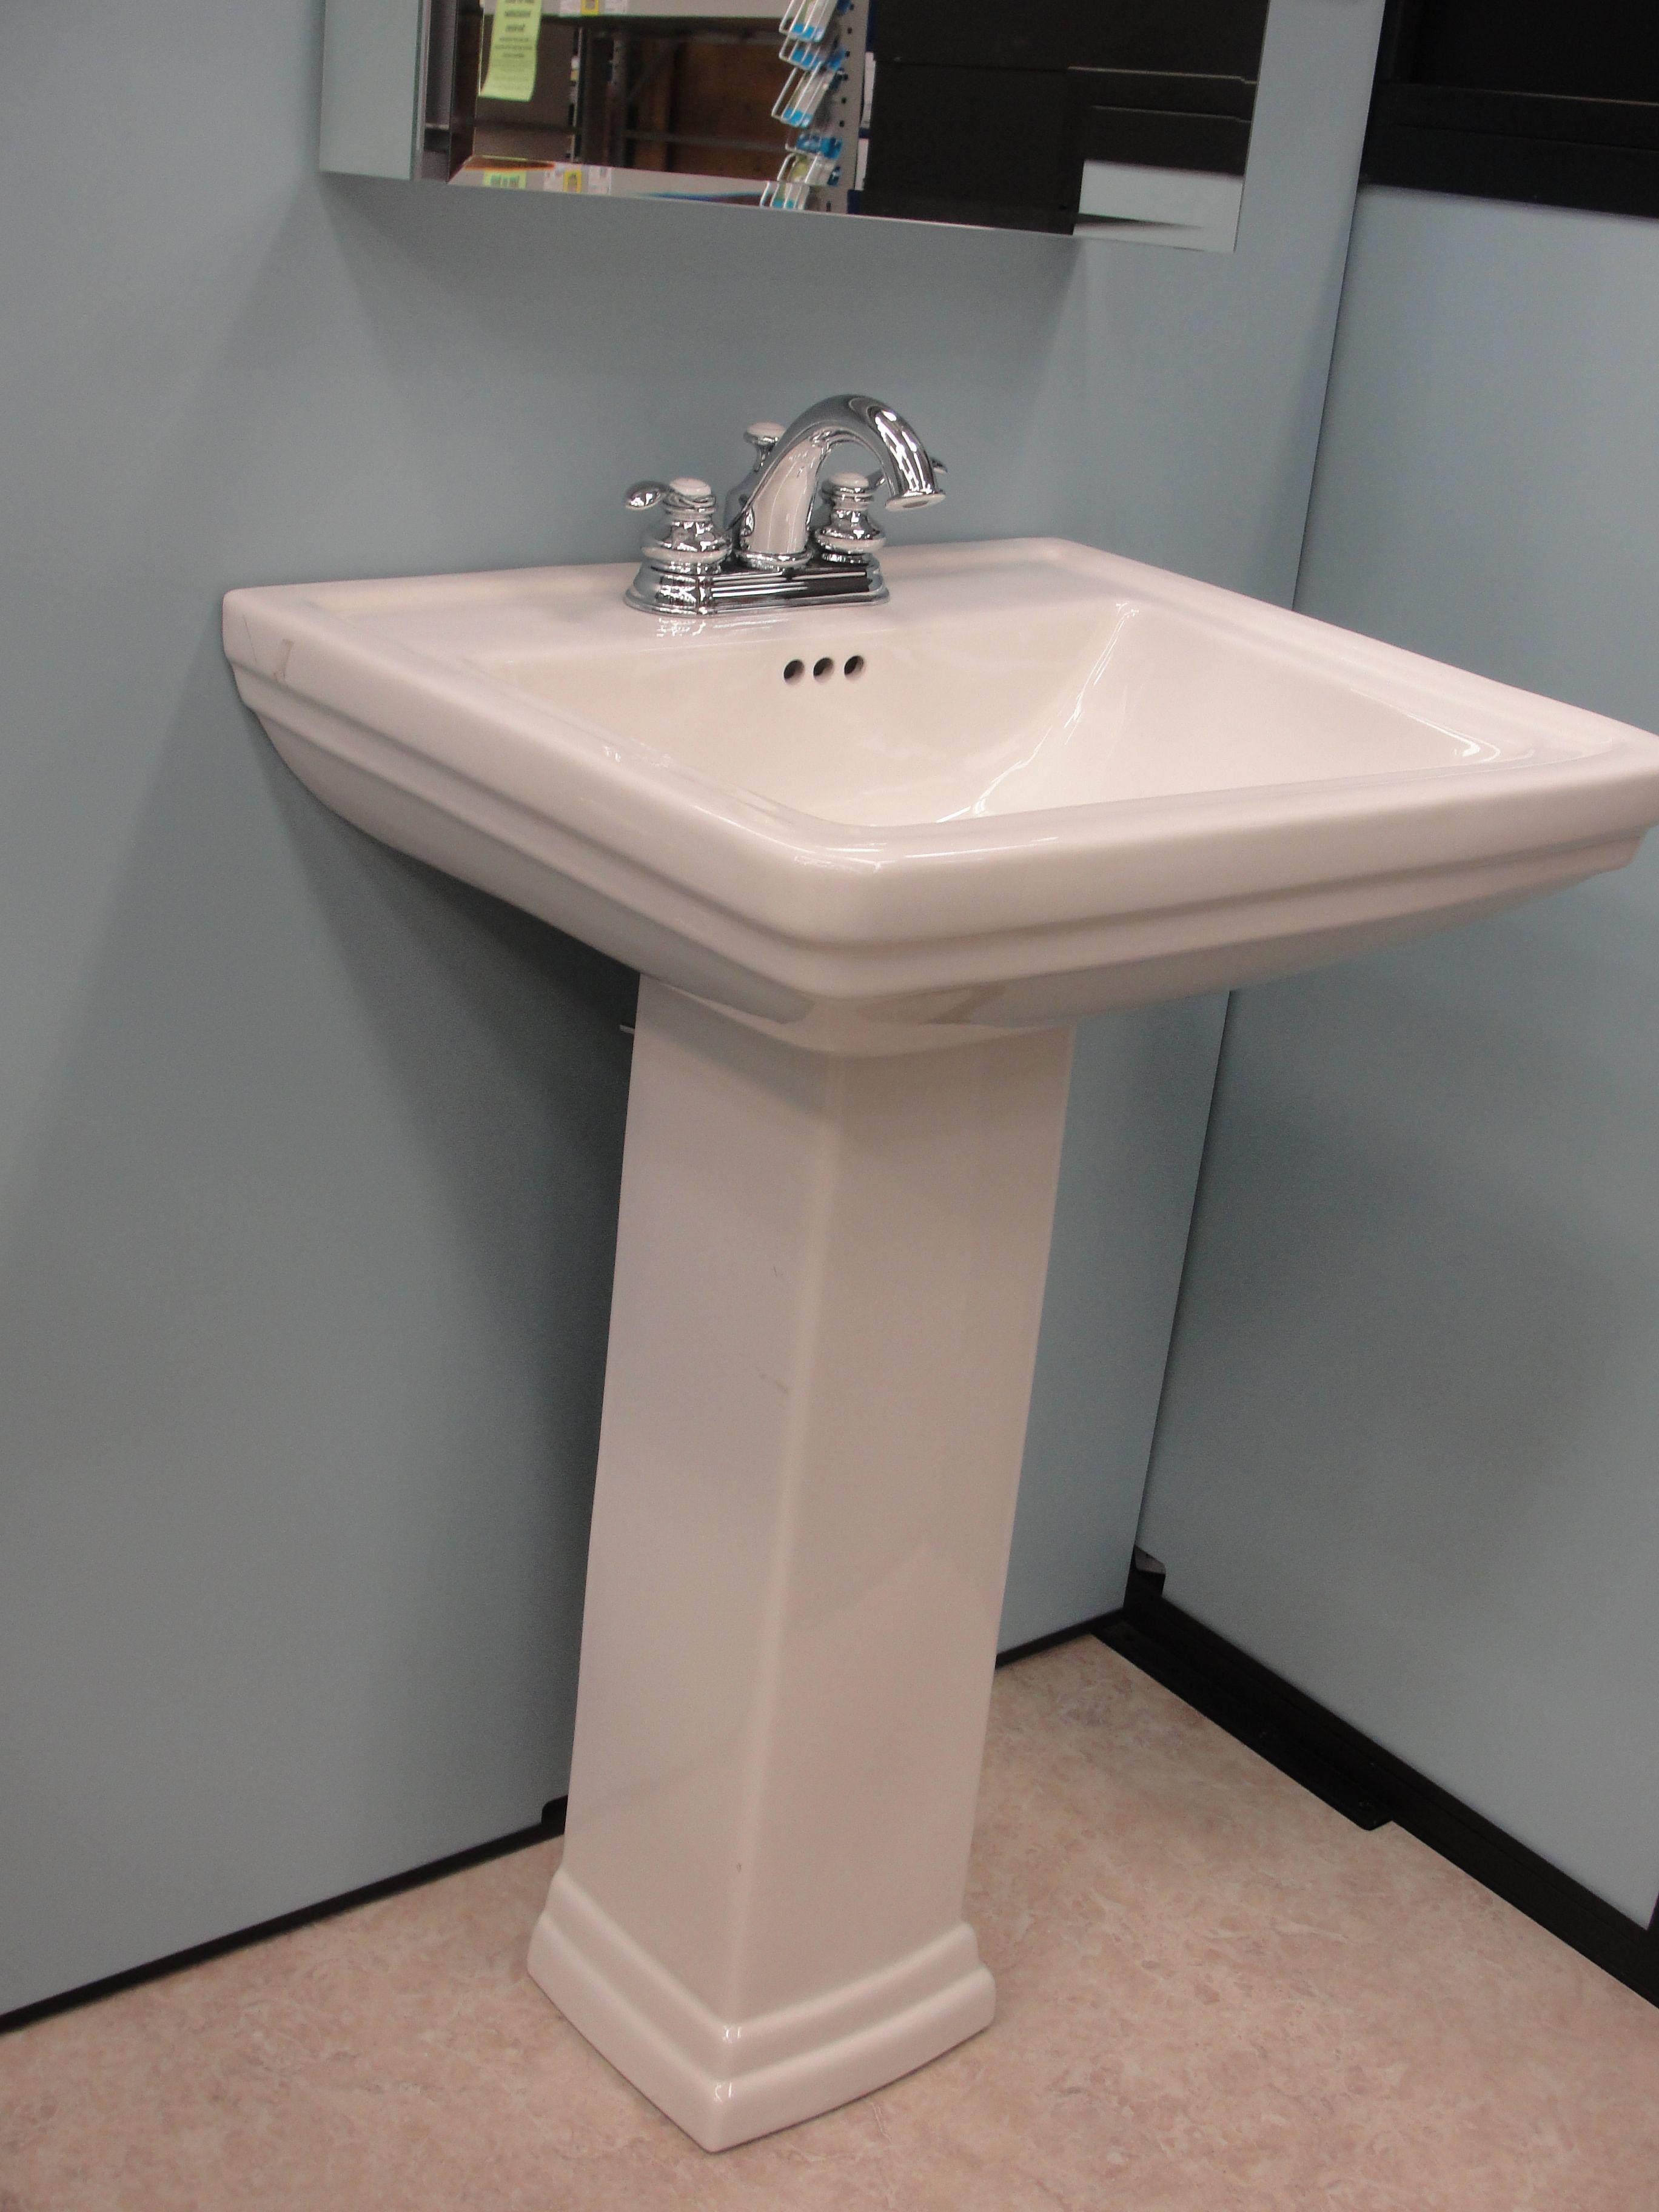 Pedestal sink. | Pedestal sink, Bath inspiration, Sink